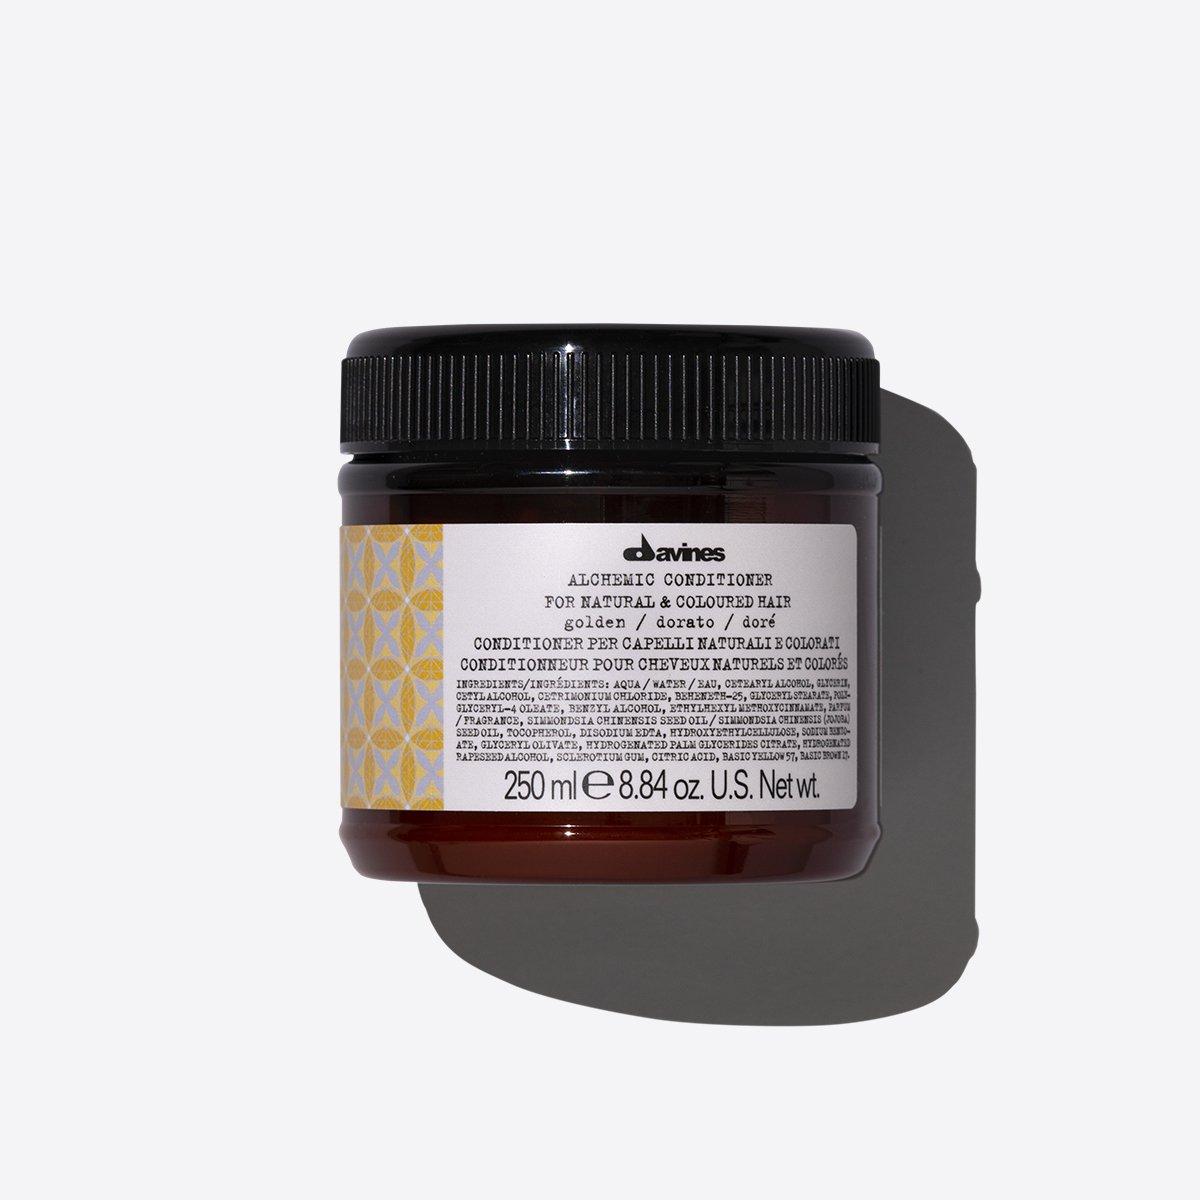 blonde maintenance columbus ohio product: davines alchemic golden conditioner